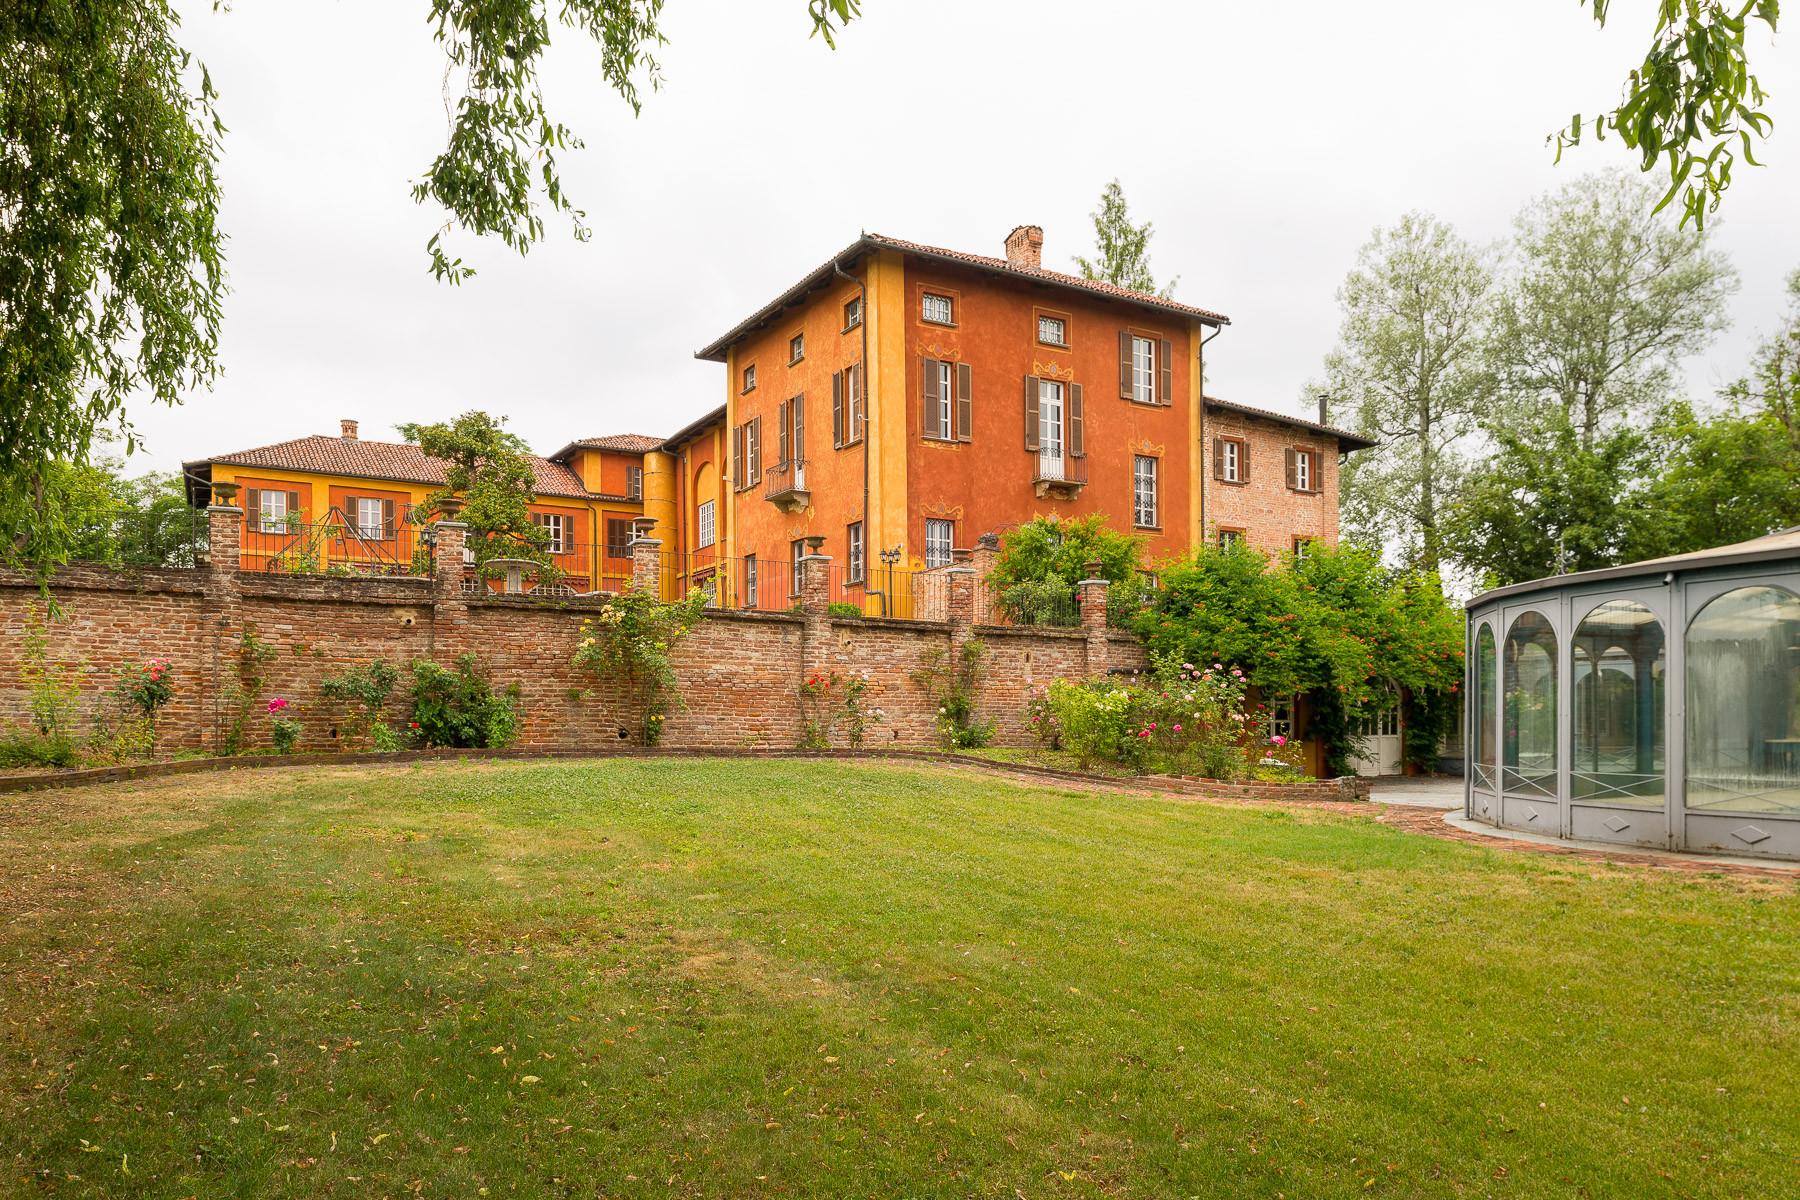 Maison unifamiliale pour l Vente à Manoir historique dans les collines d'Asti Frazione Lavezzole Autres Asti, Asti 14015 Italie